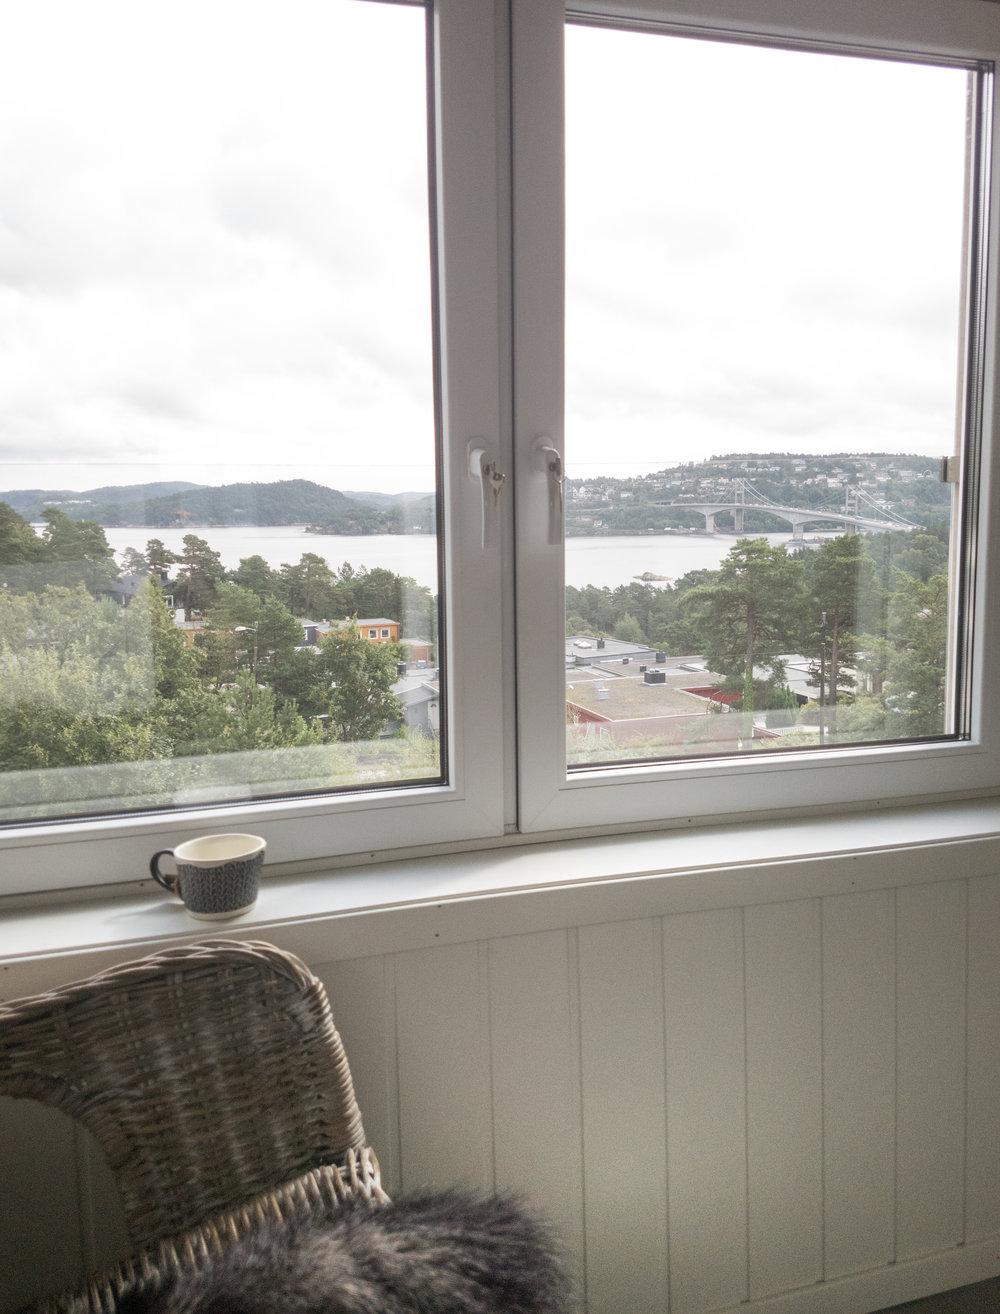 Morgenkaffen kan nytes sammen med den nydelige utsikten mot Topdalsfjorden og Varoddbrua.